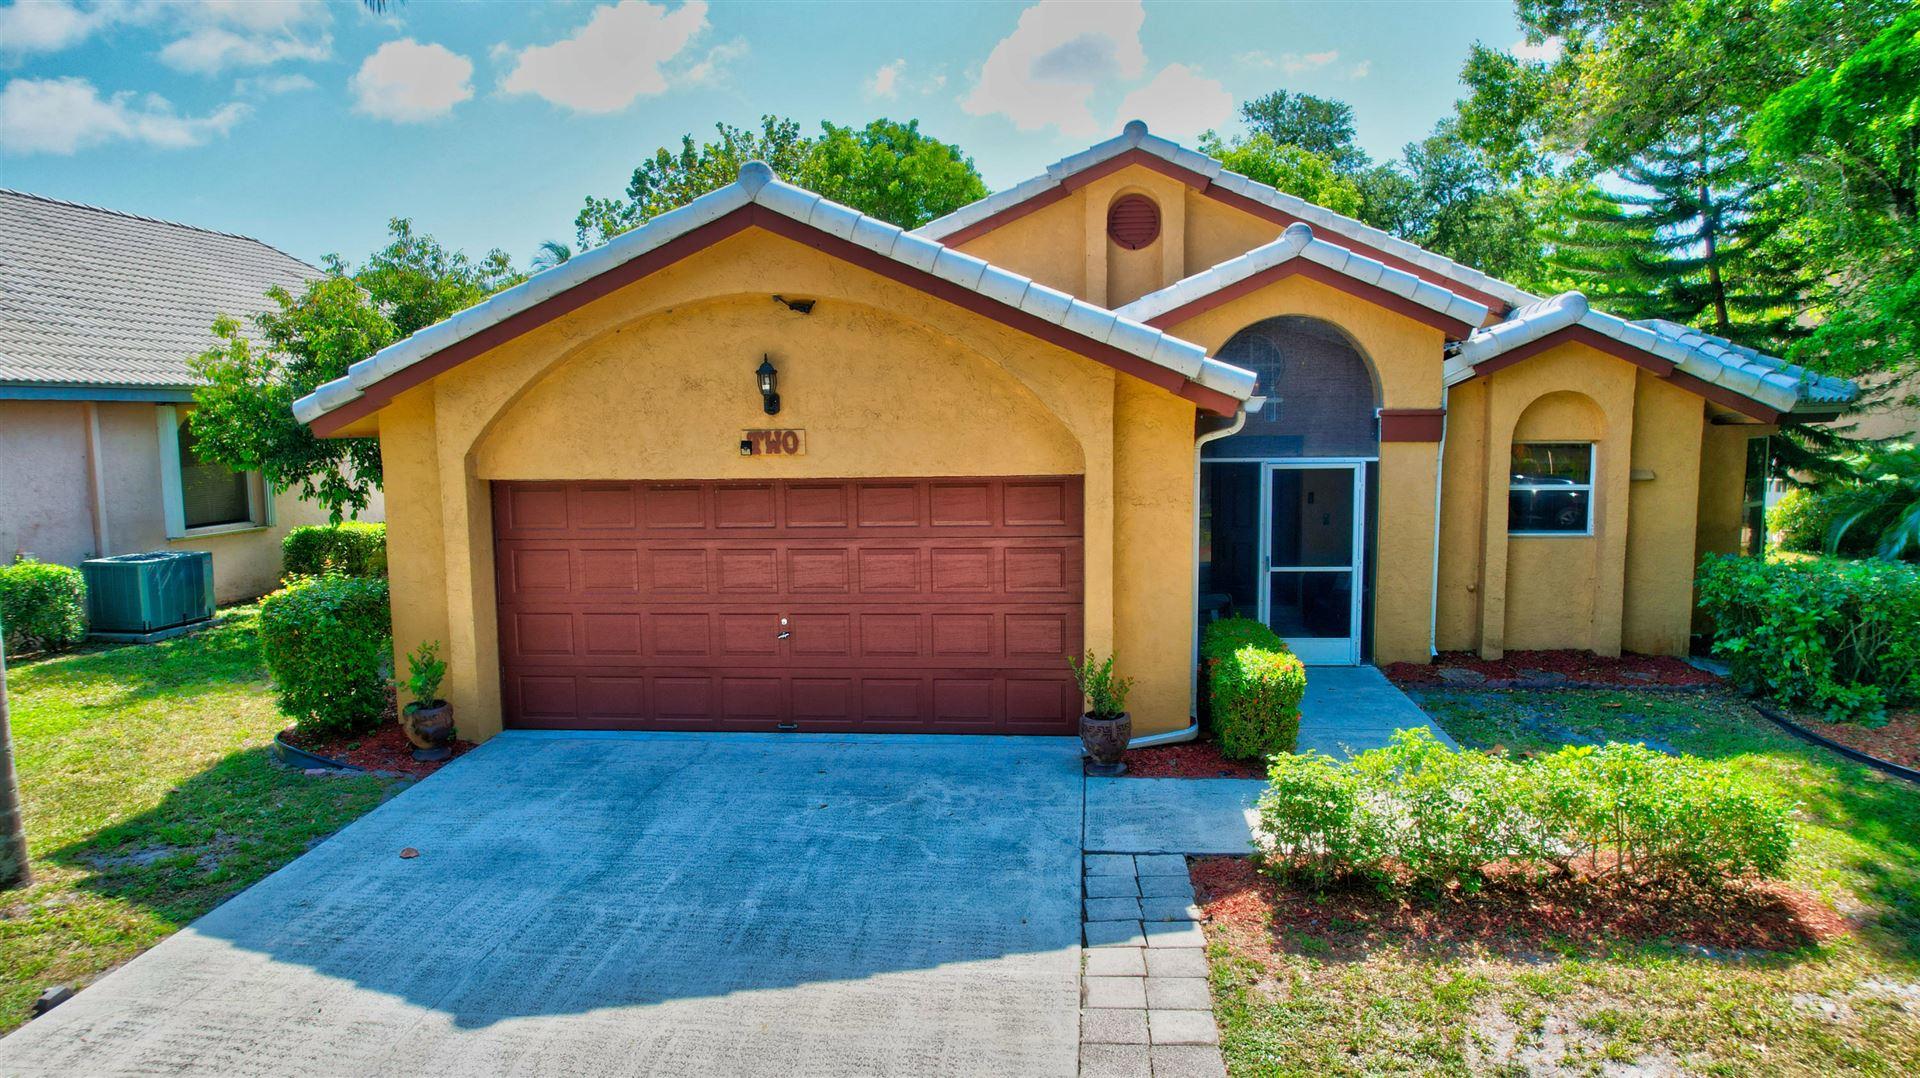 2 Lawrence Lake Drive, Boynton Beach, FL 33436 - MLS#: RX-10713552